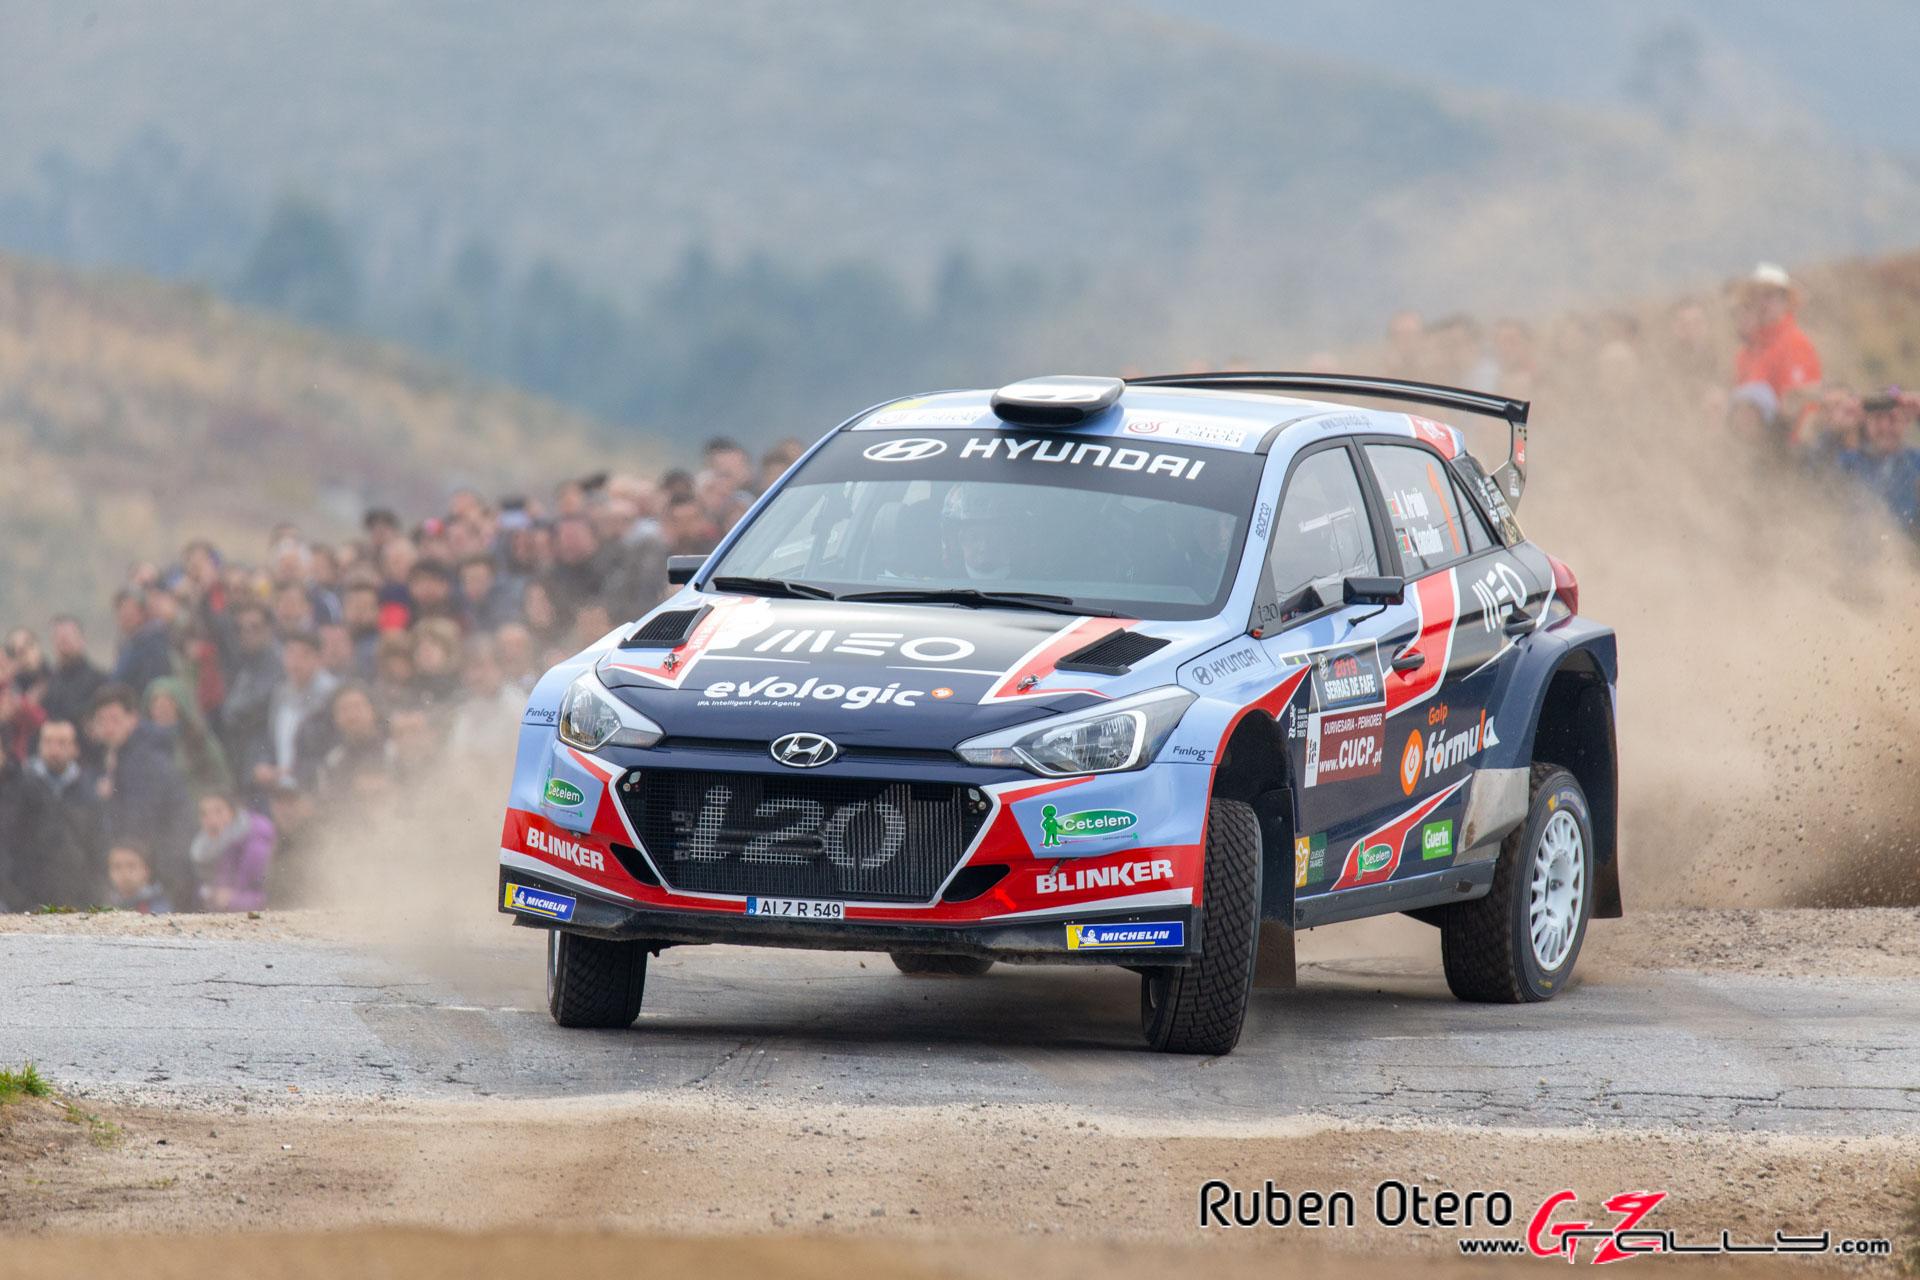 Rally Serras de Fafe 2019 - Rubén Otero